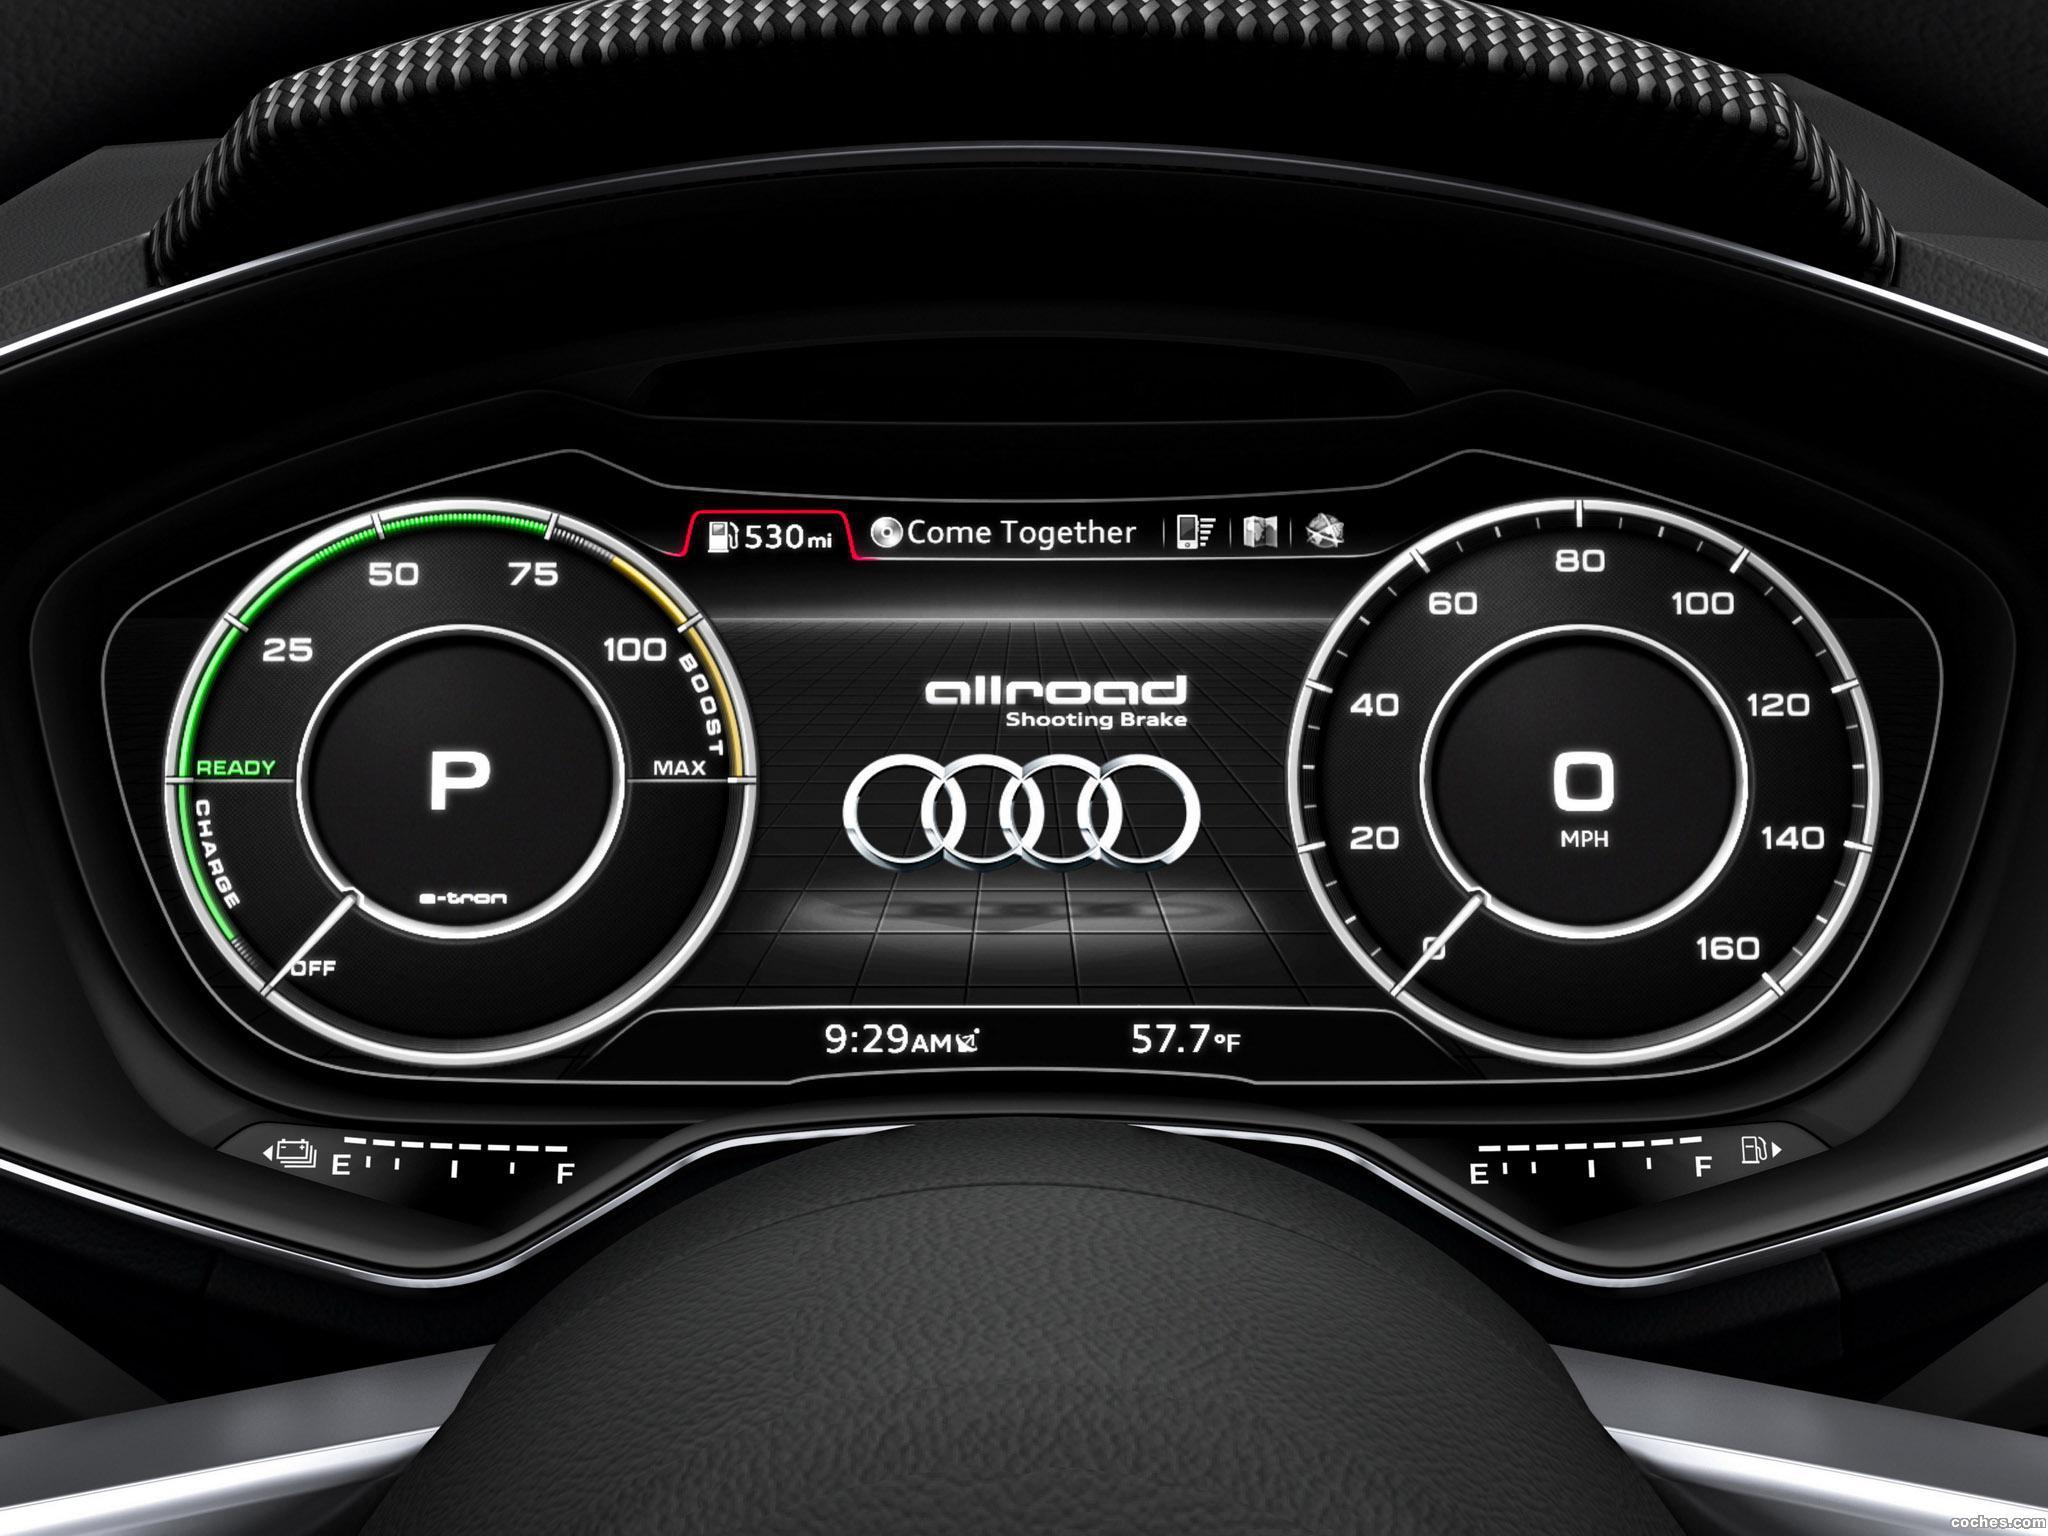 Foto 5 de Audi Allroad Shooting Brake e-Tron Concept 2014